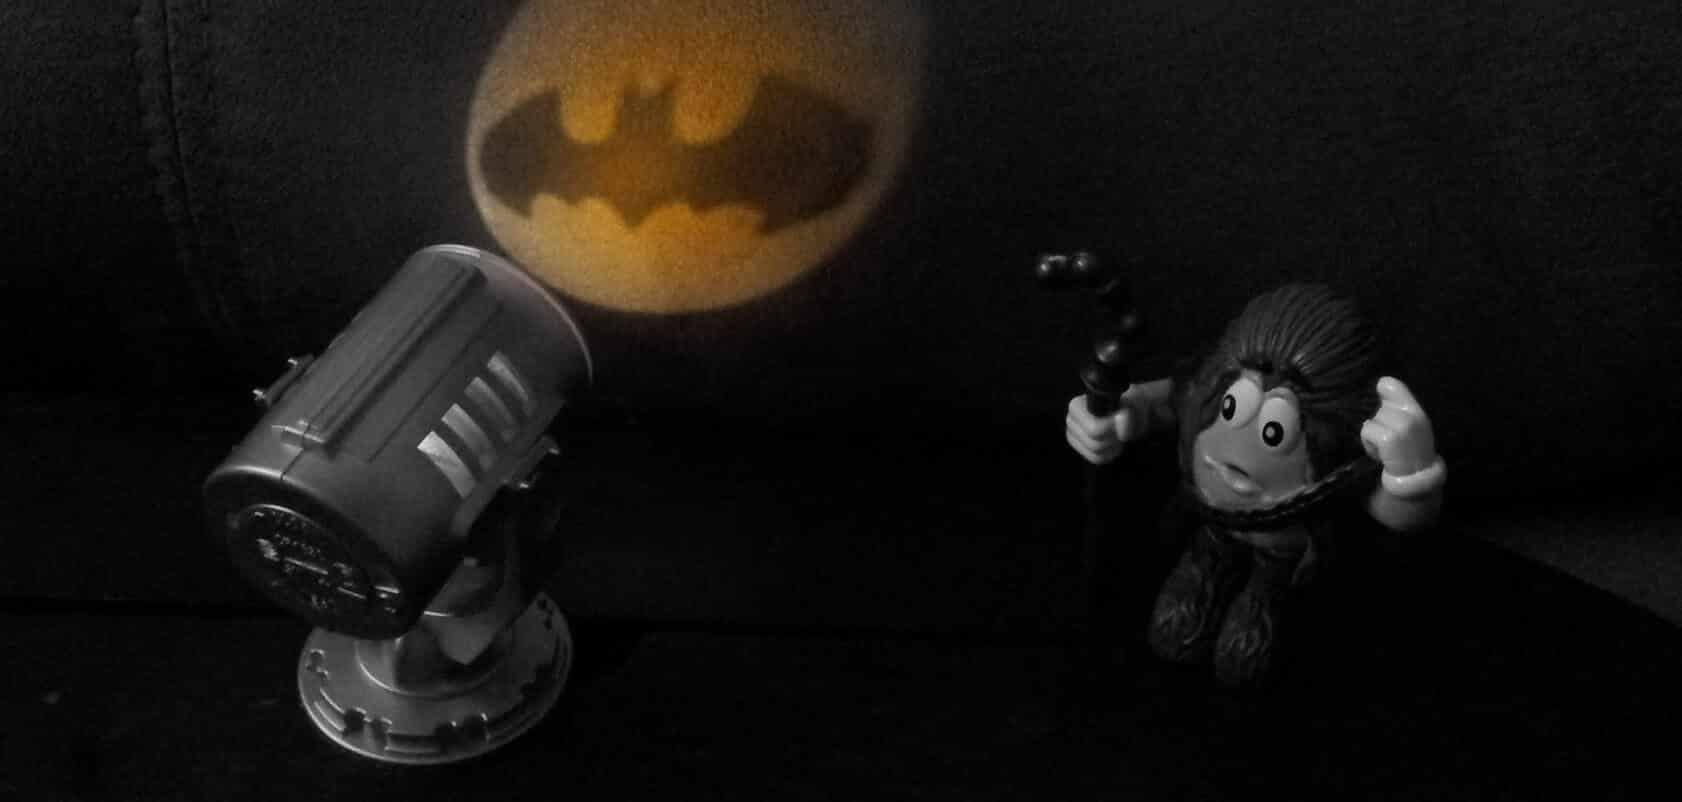 Chewbacca Batsignal